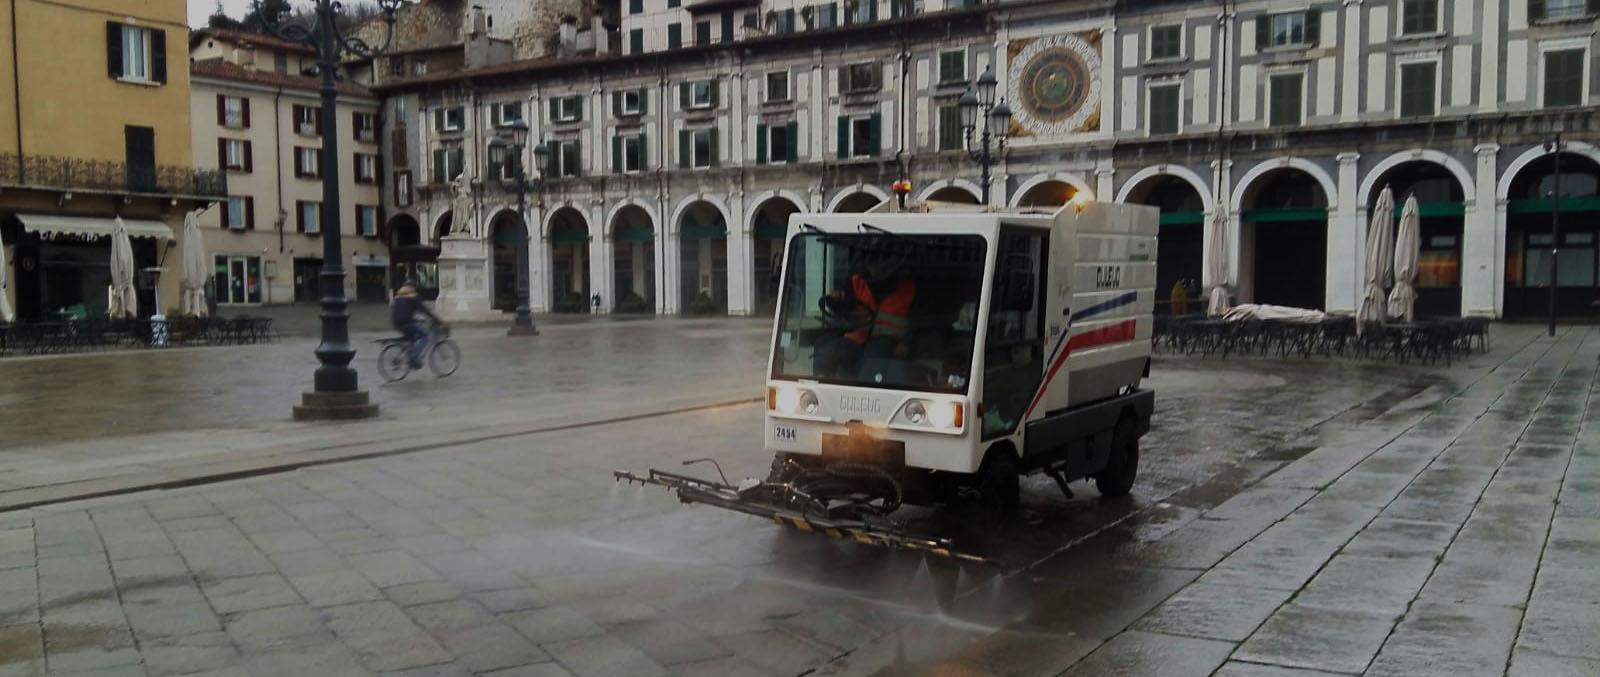 Emergenza COVID 19 - Attività straordinarie di sanificazione delle strade di Brescia.